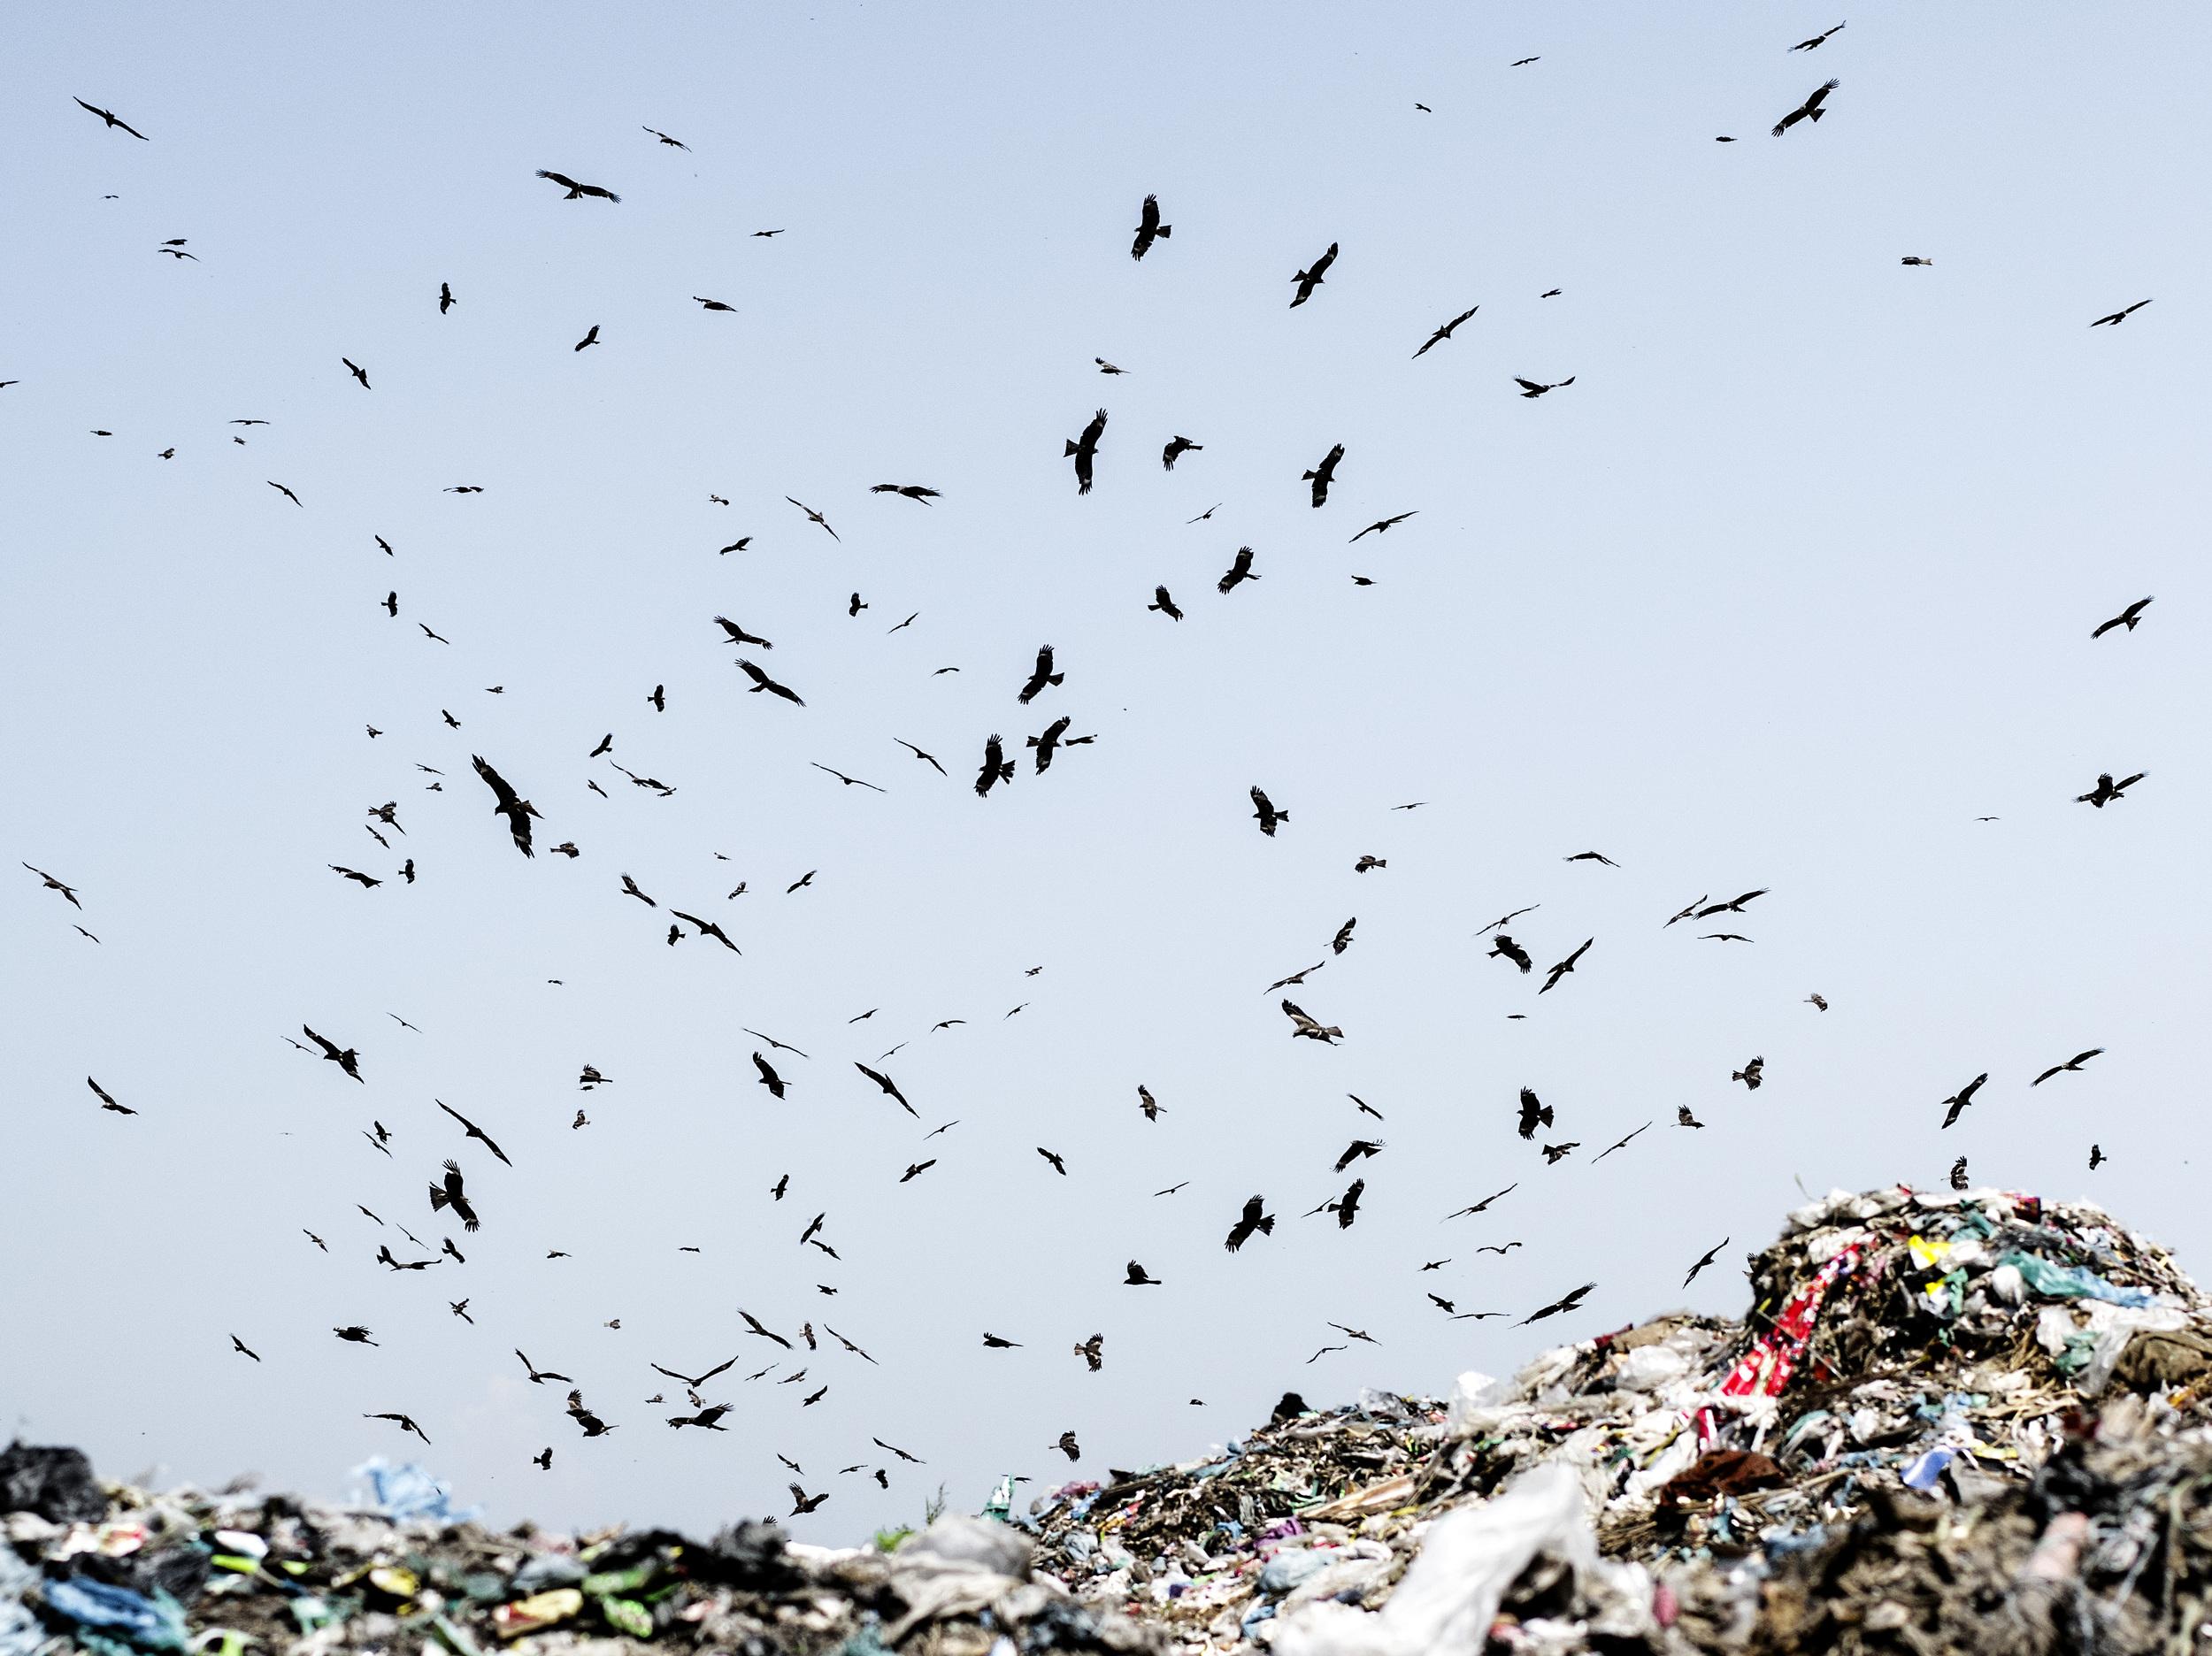 Vultures circling over Parar Chokh Landfill in Sylet, Bangladesh.